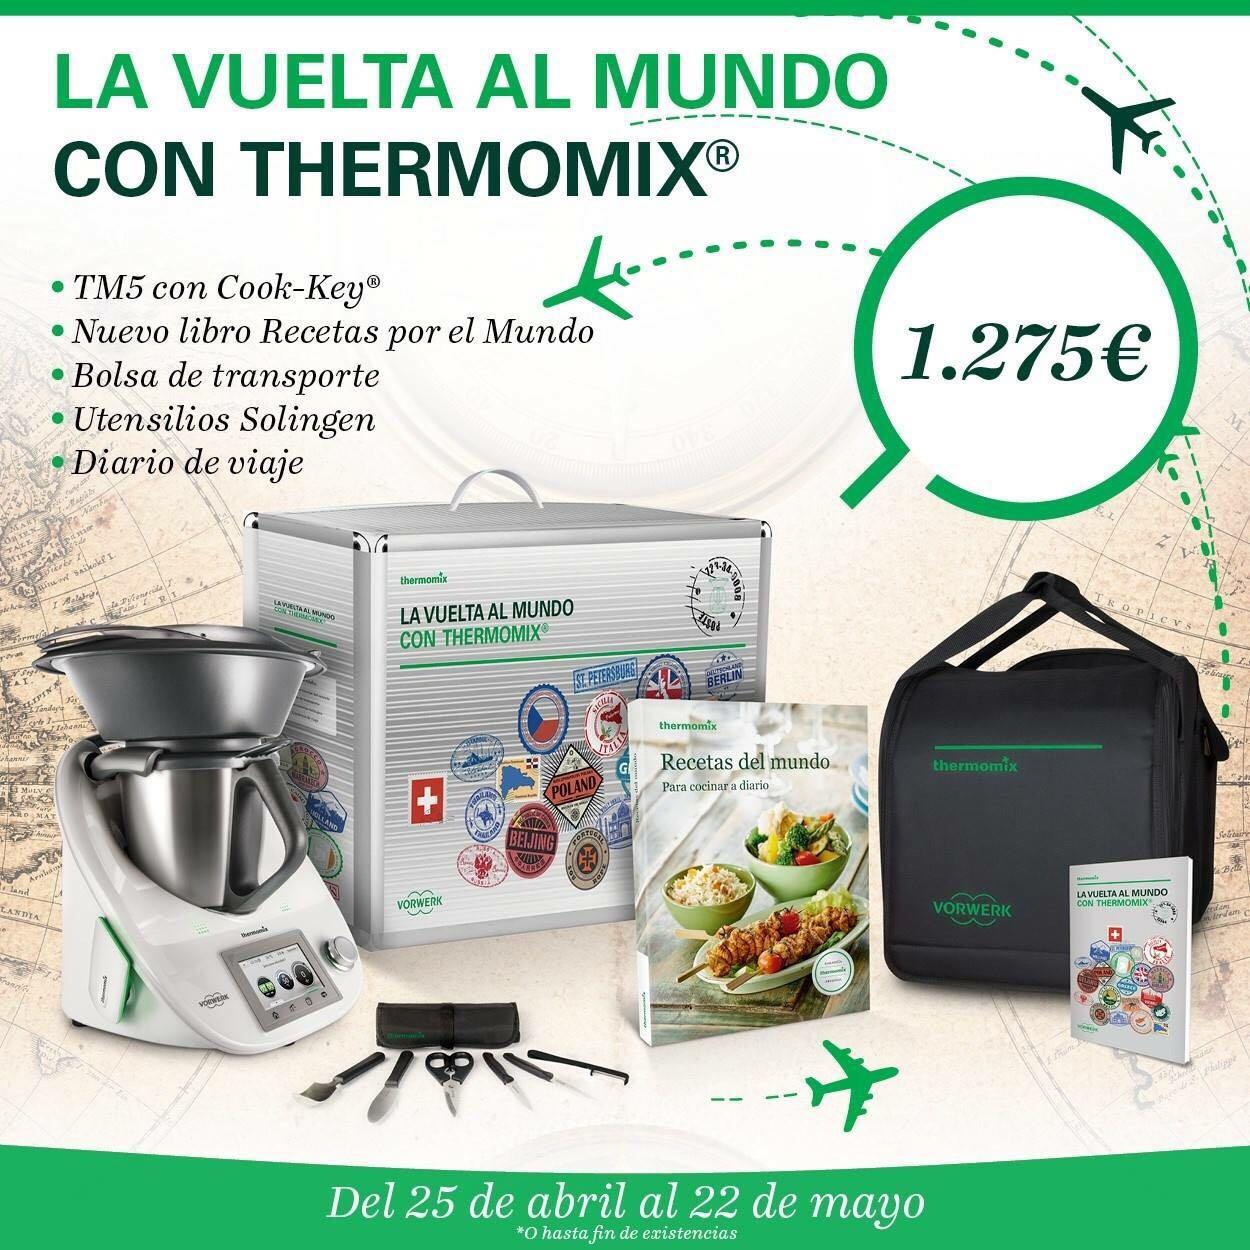 LA VOLTA AL MÓN AMB Thermomix®